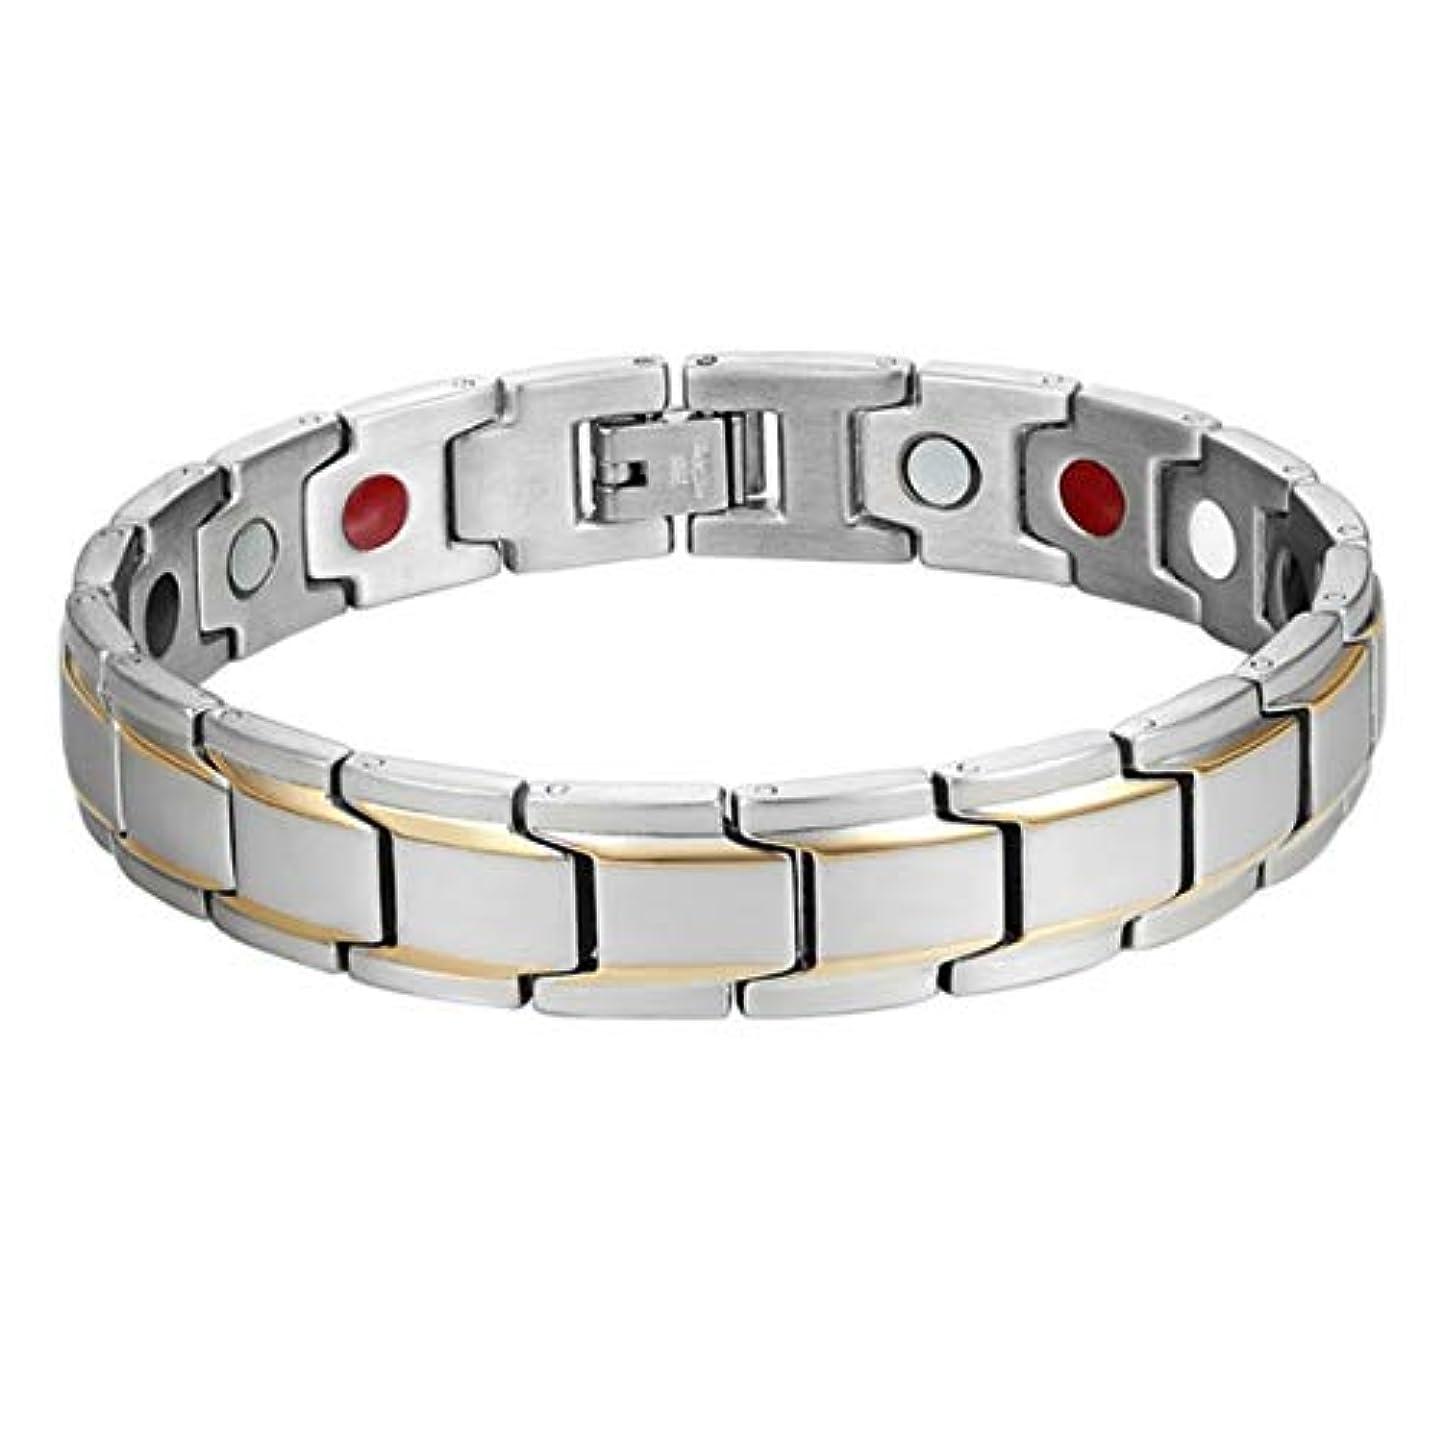 アヒル羊のヒューマニスティック男性女性ファッションチタン磁気療法ブレスレットツートン調節可能ブレスレット磁気療法ブレスレットヘルスケアギフト-ゴールド